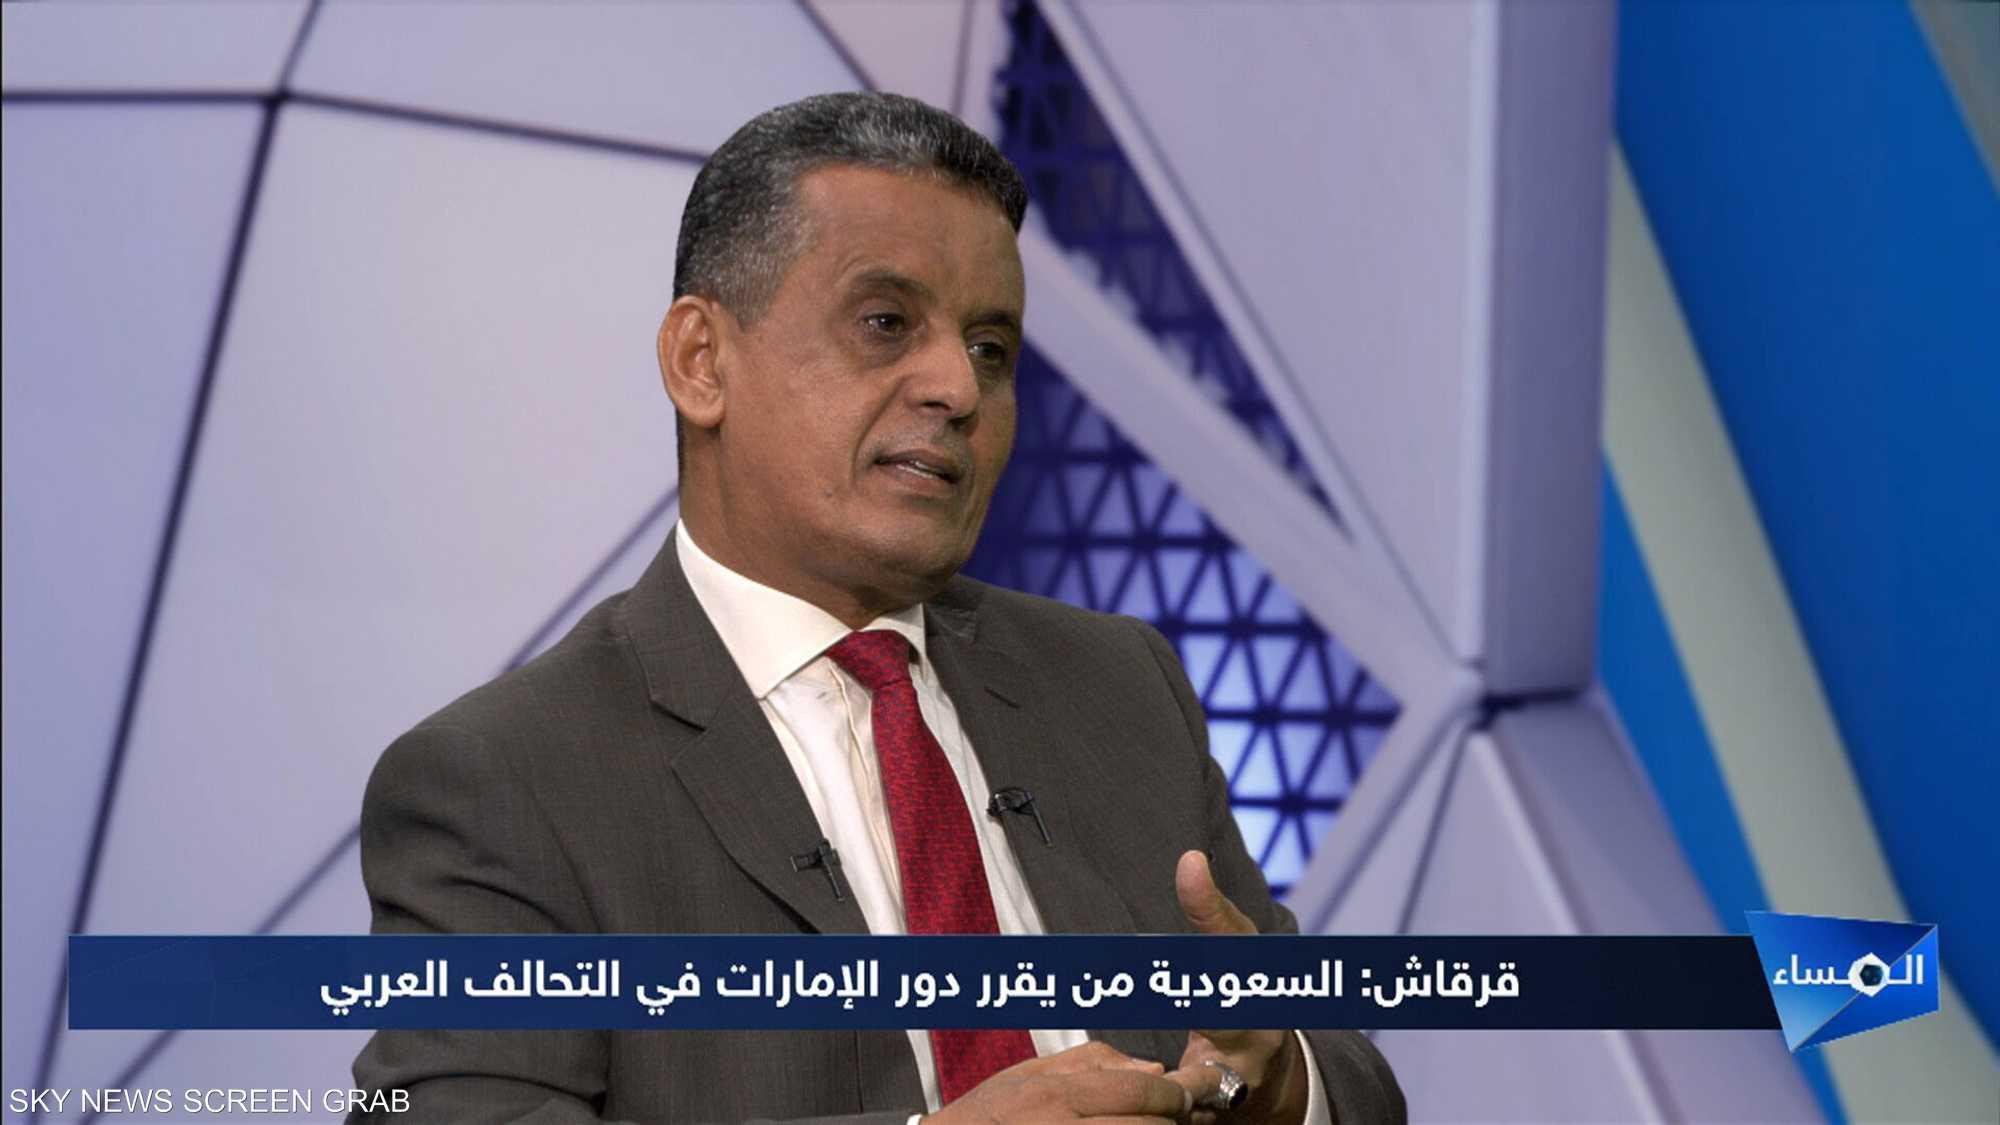 قرقاش: السعودية من يقرر دور الإمارات في التحالف العربي